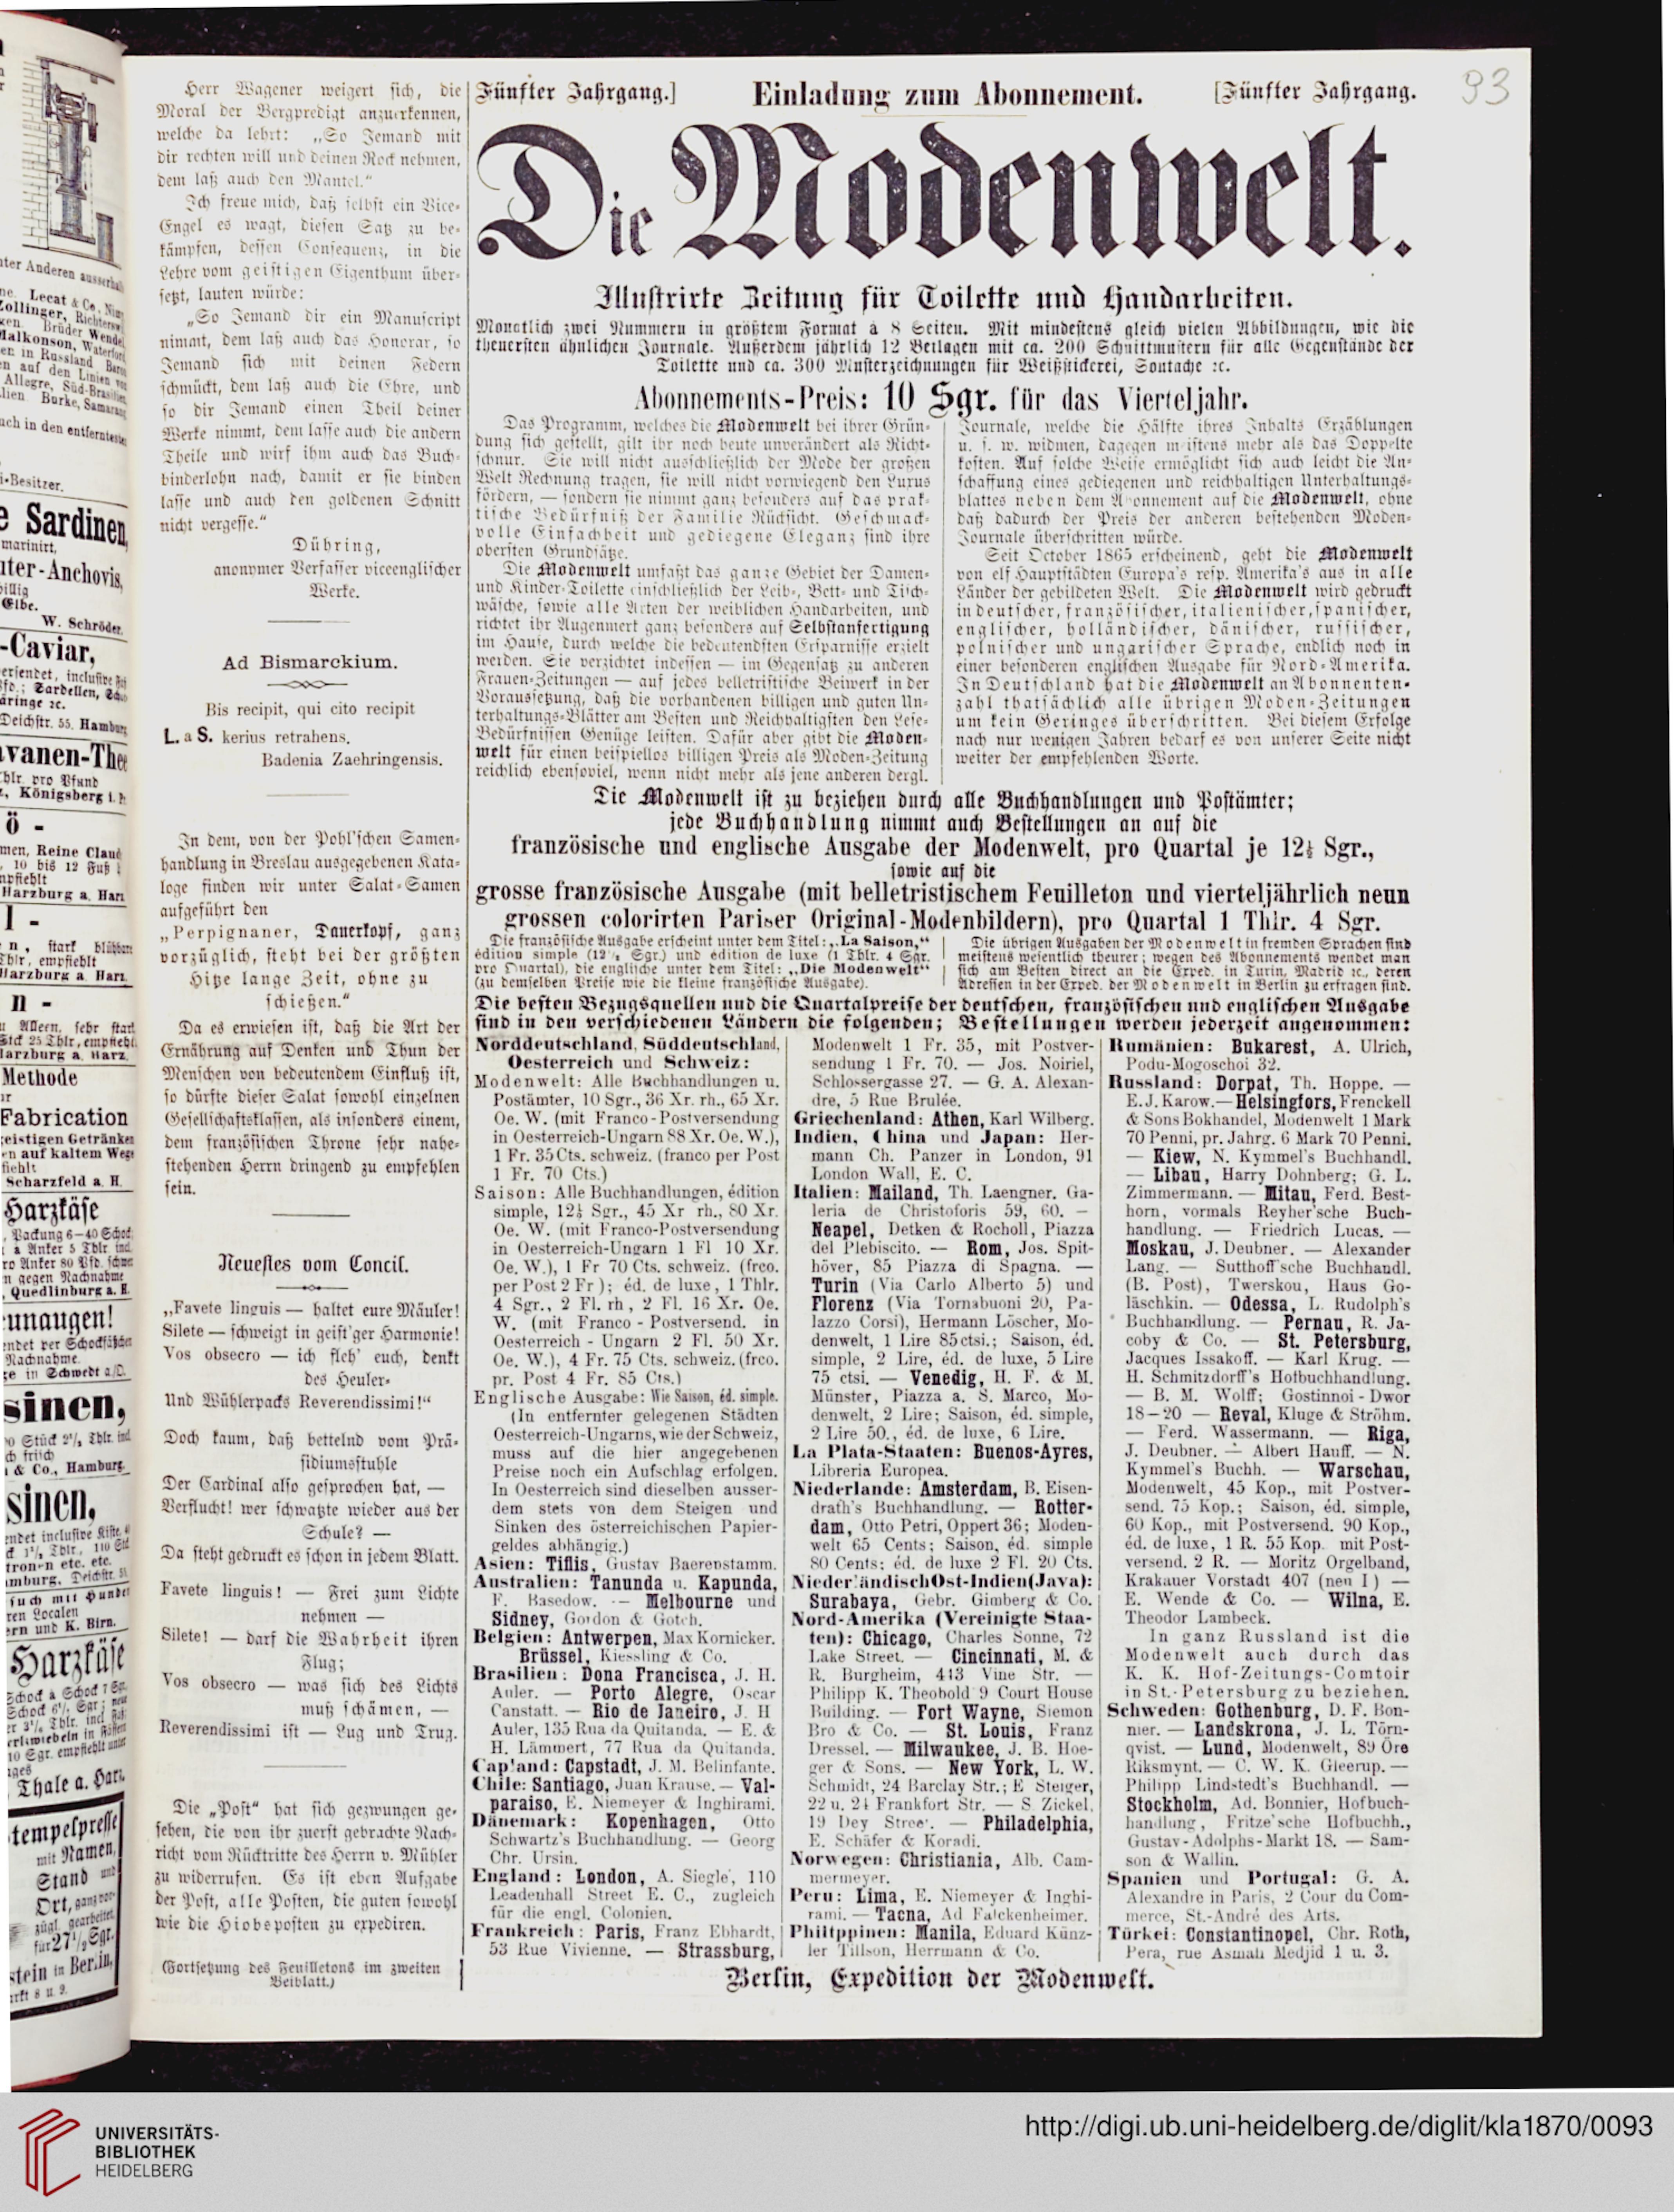 Kladderadatsch: Humoristisch-satirisches Wochenblatt (23.1870)